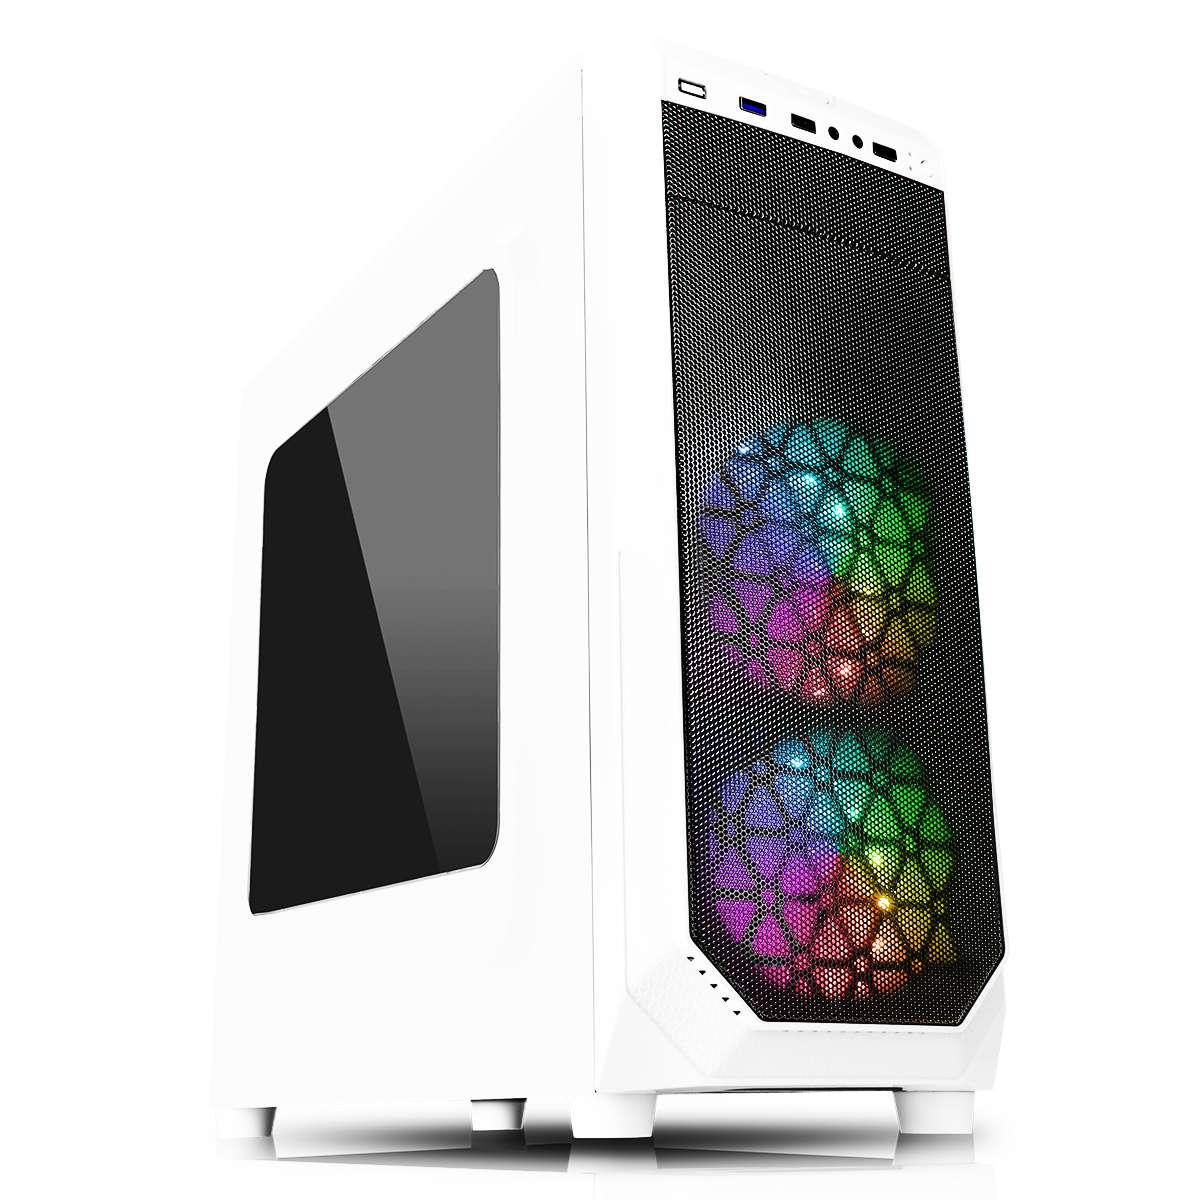 CiT Prism White RGB PC Gaming Case